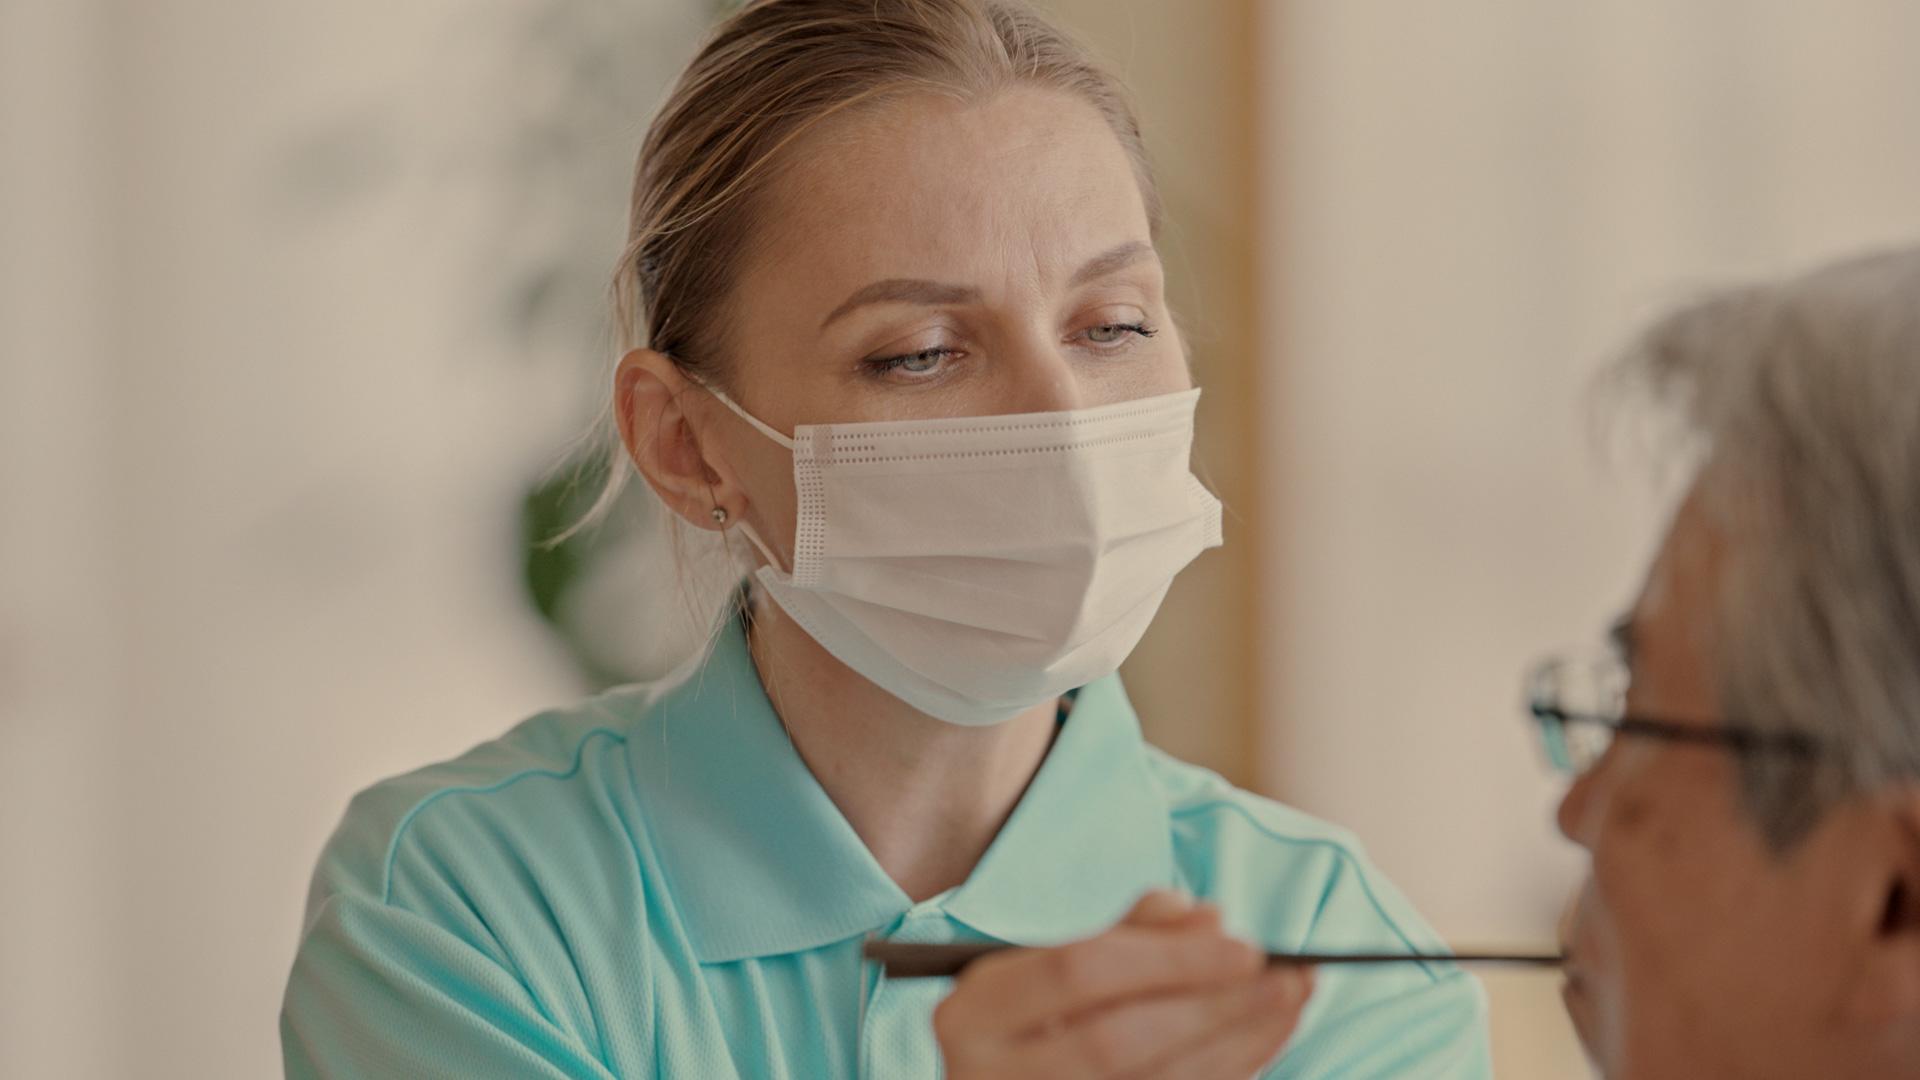 ソフィア・Pさん、日本で介護士資格を持つロシア出身のソフィアさん。